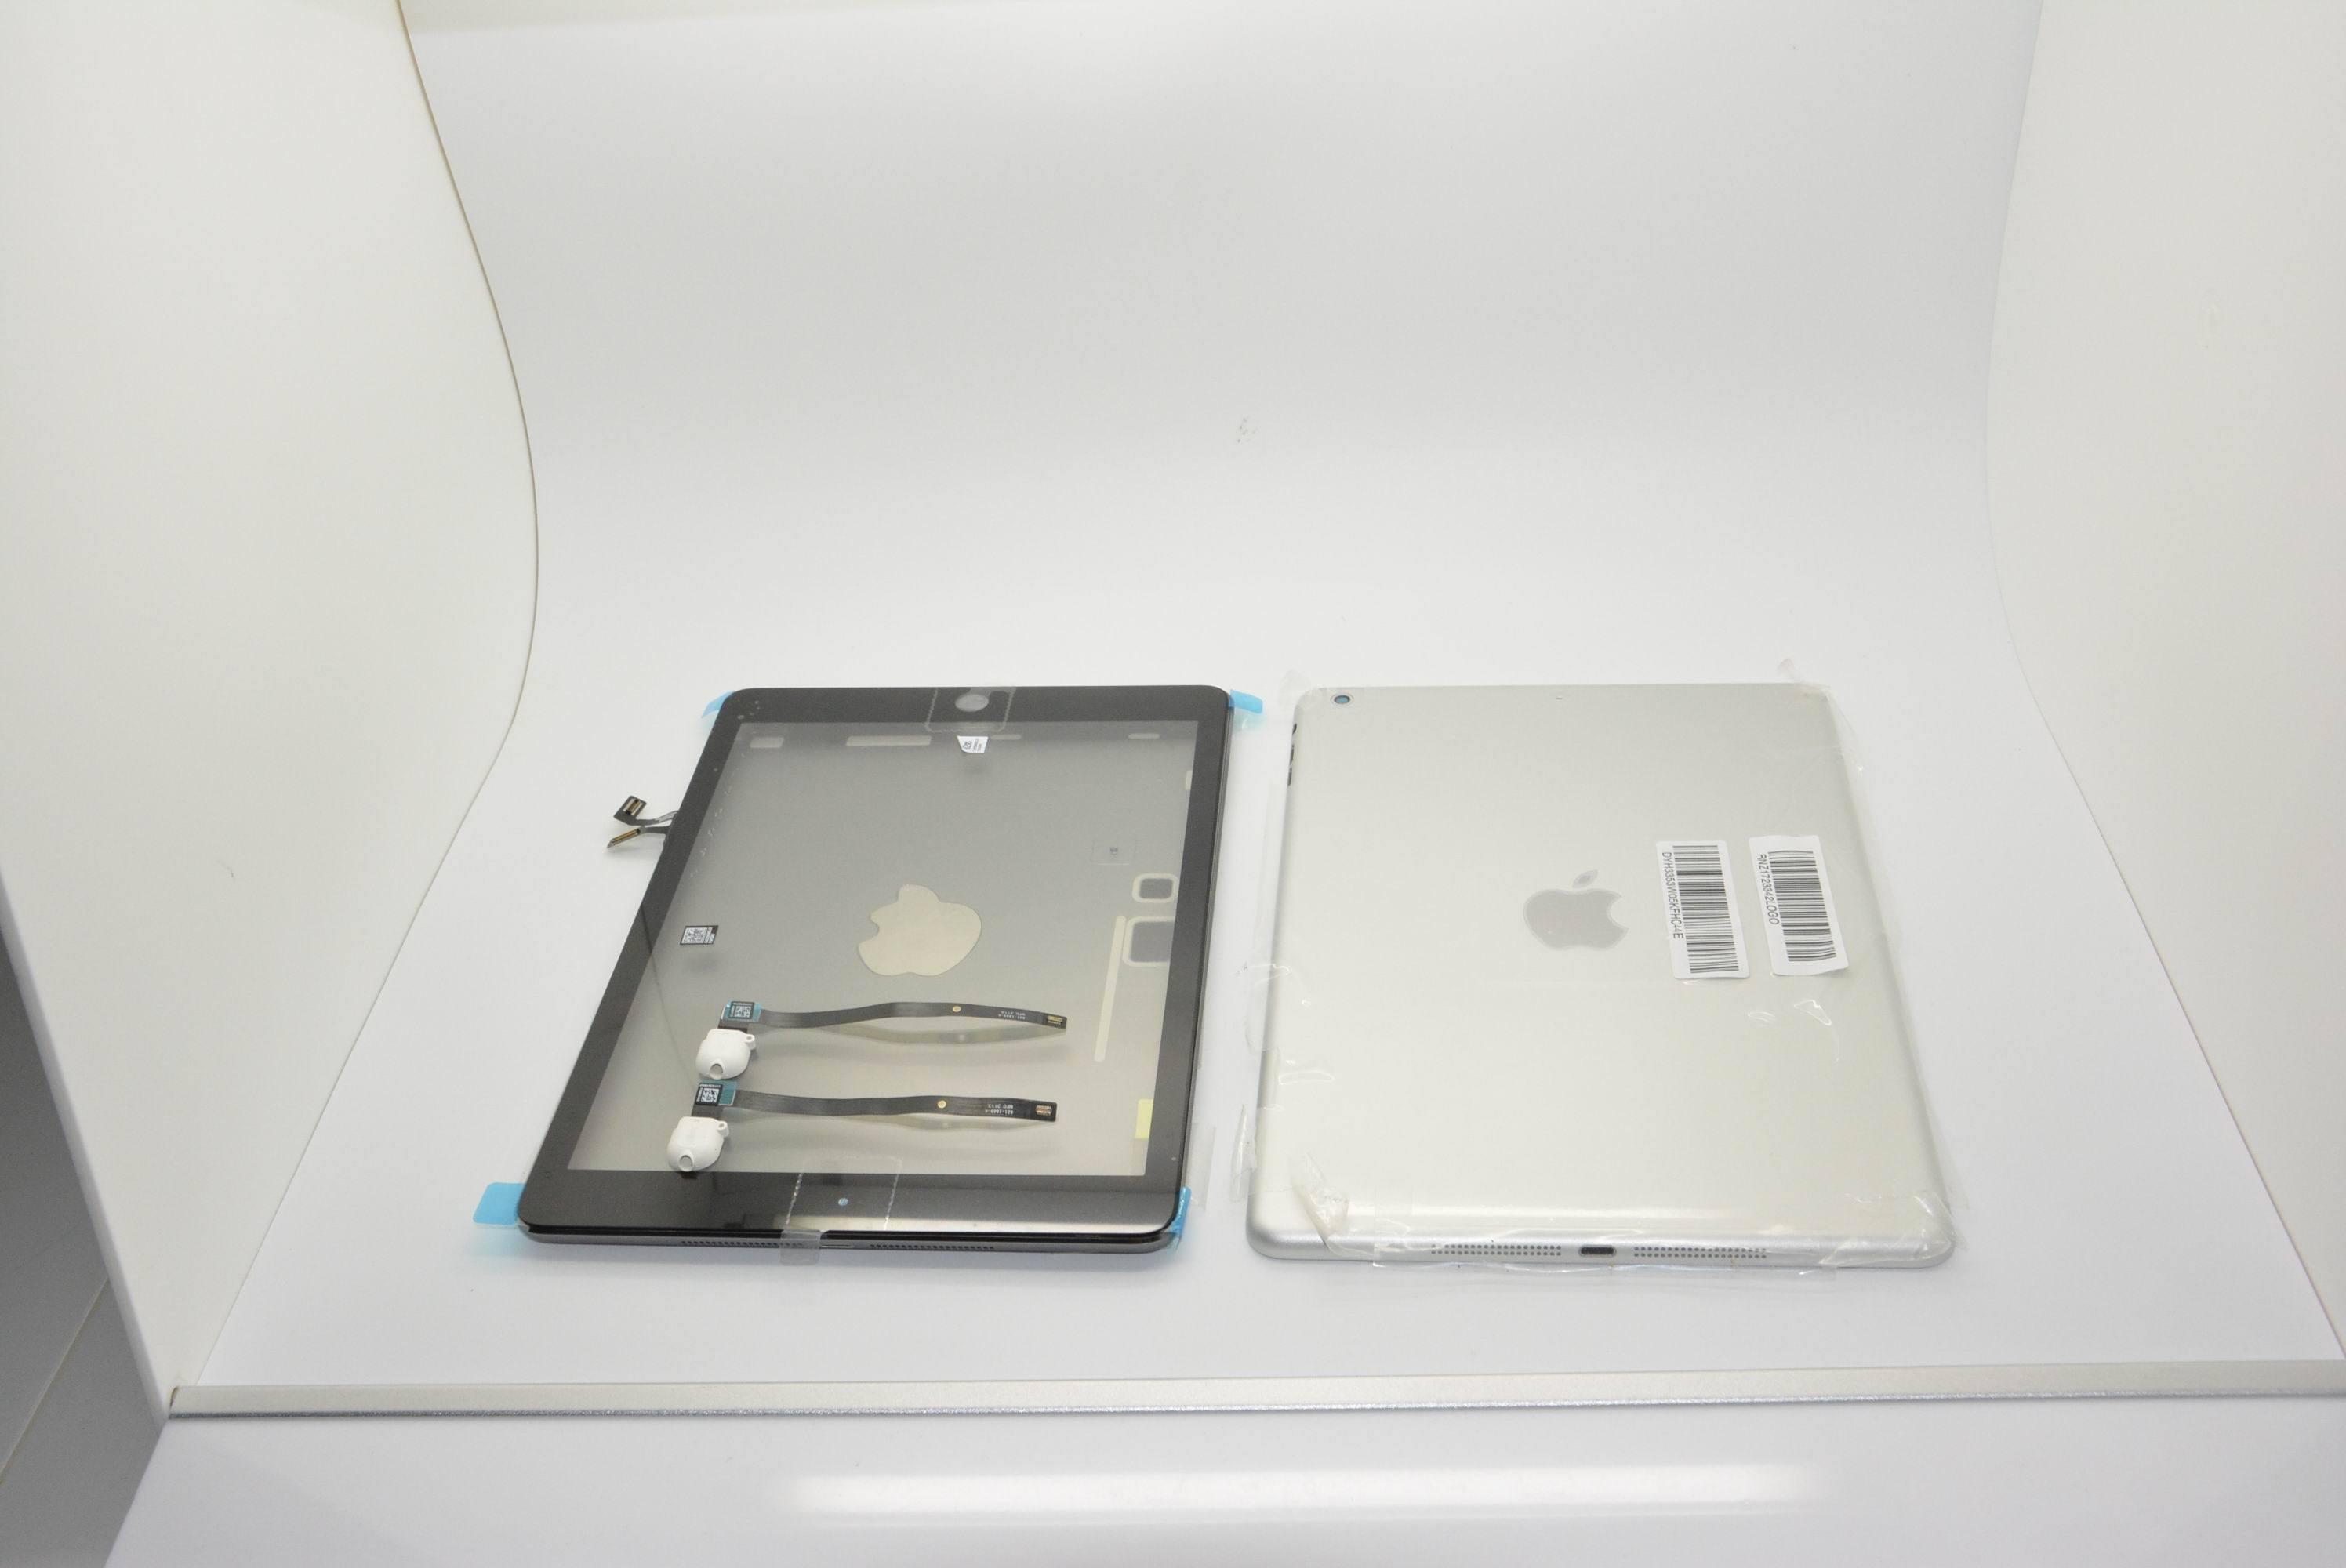 Suposta carcaça do iPad de quinta geração